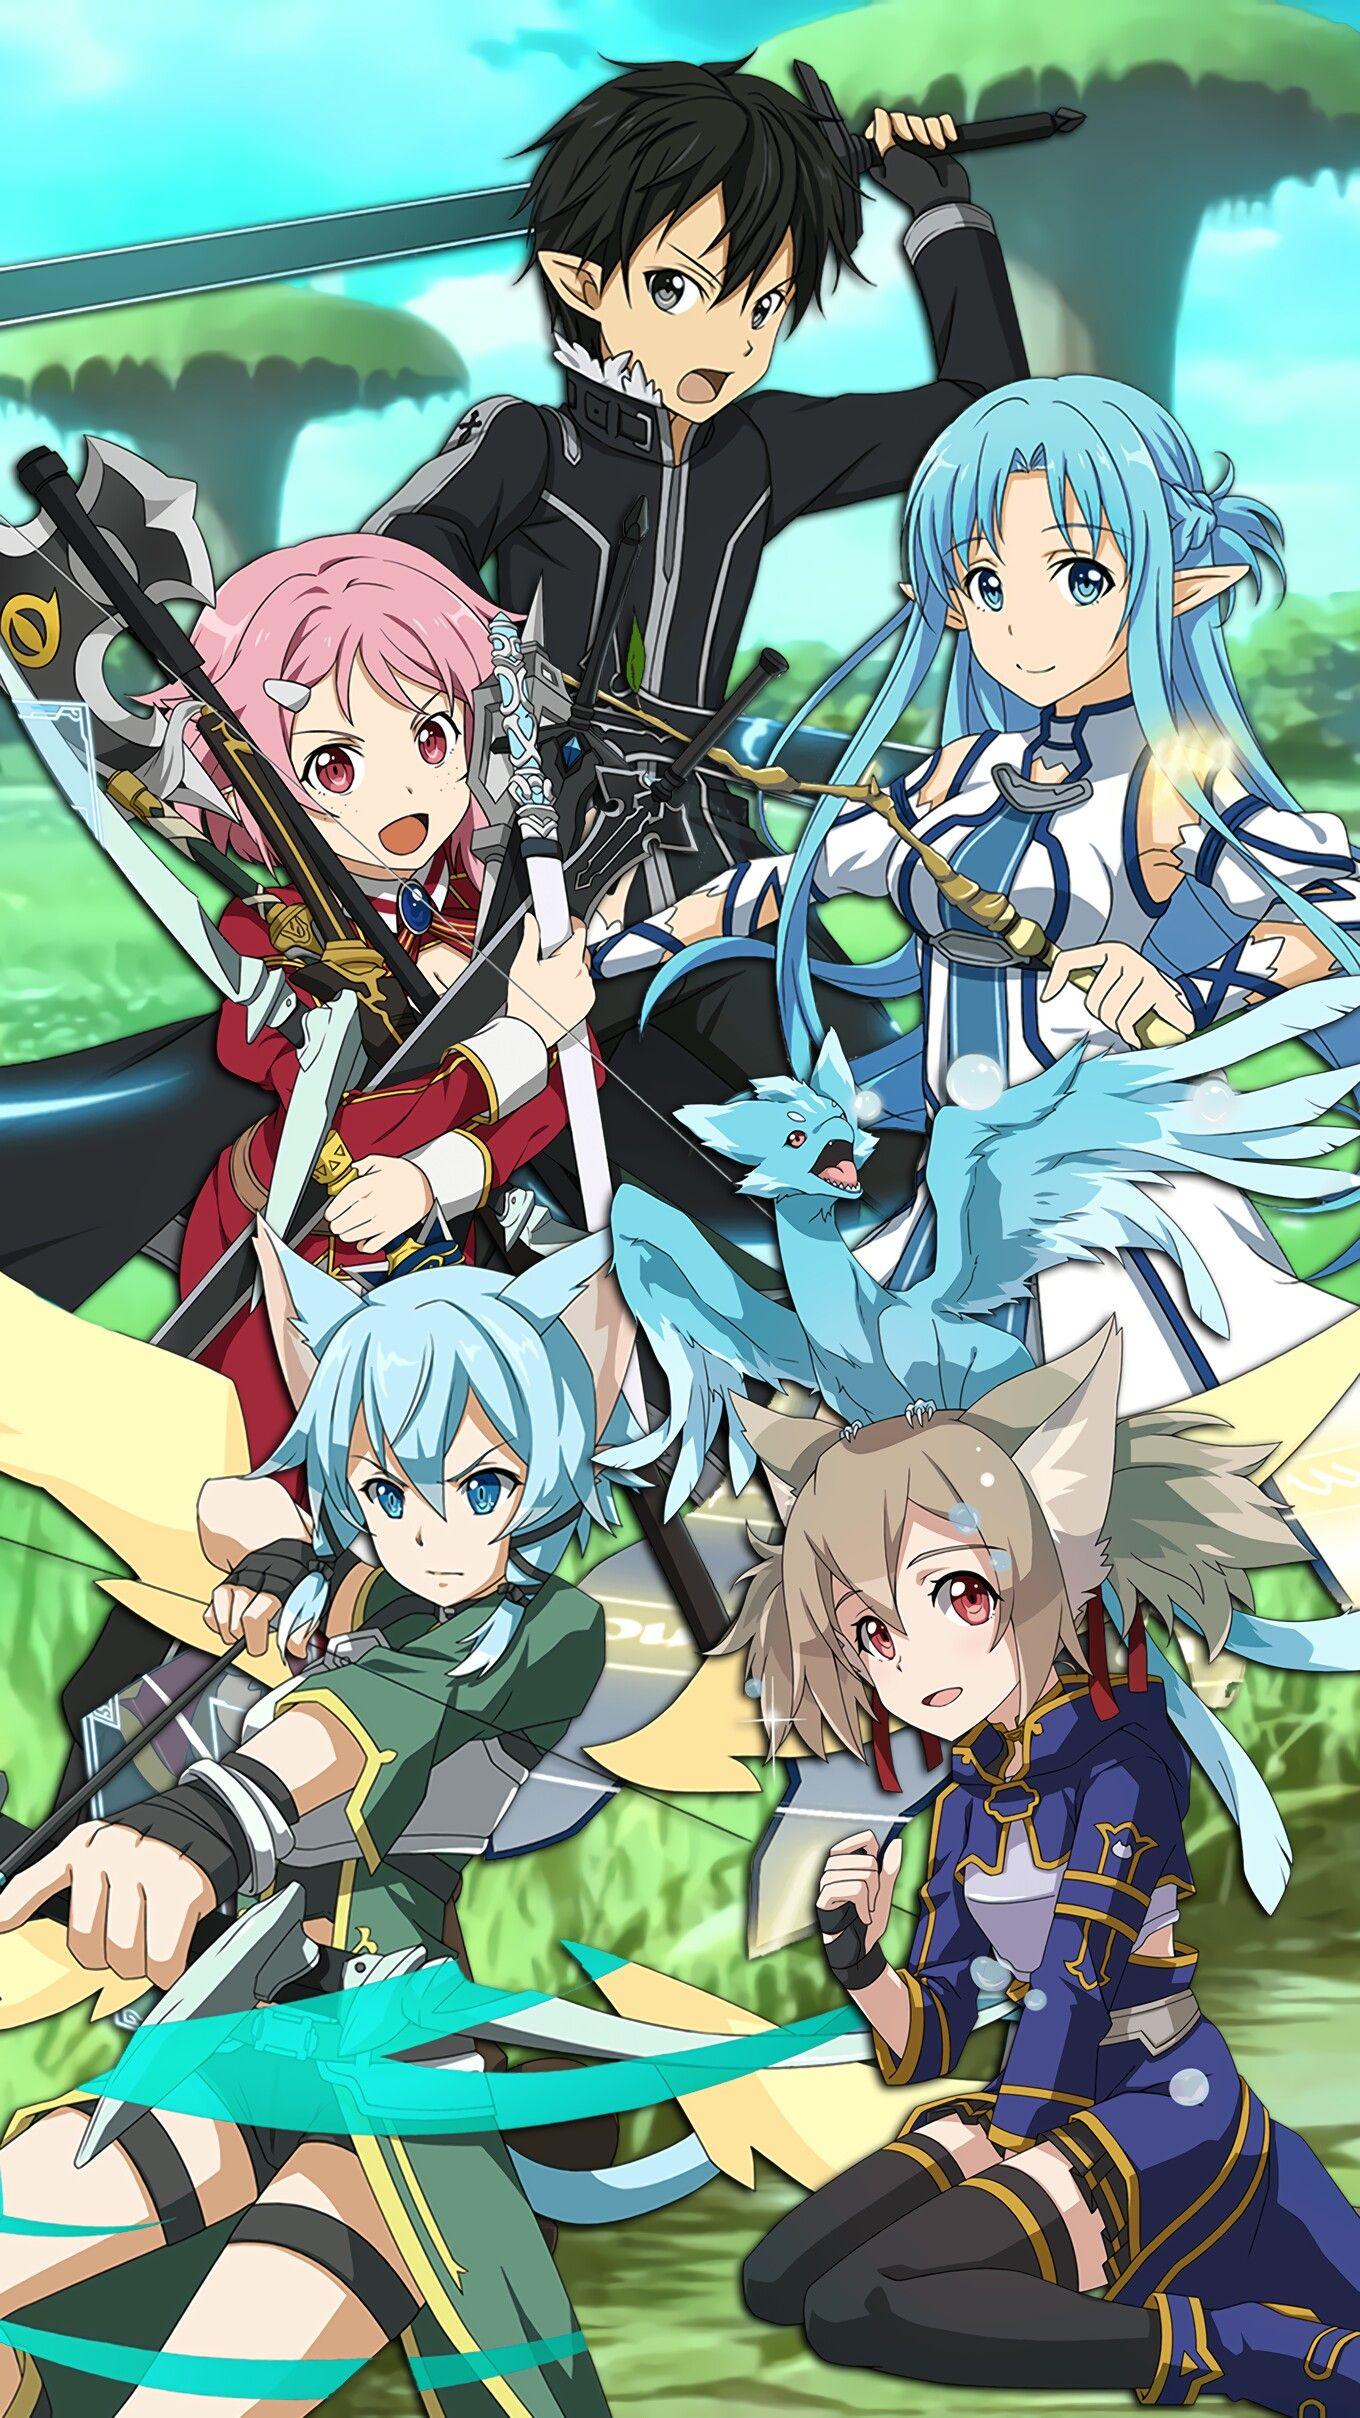 ALO Sword Art Online Wallpaper Kirito Lizbeth Asuna Sinon Silica Pia